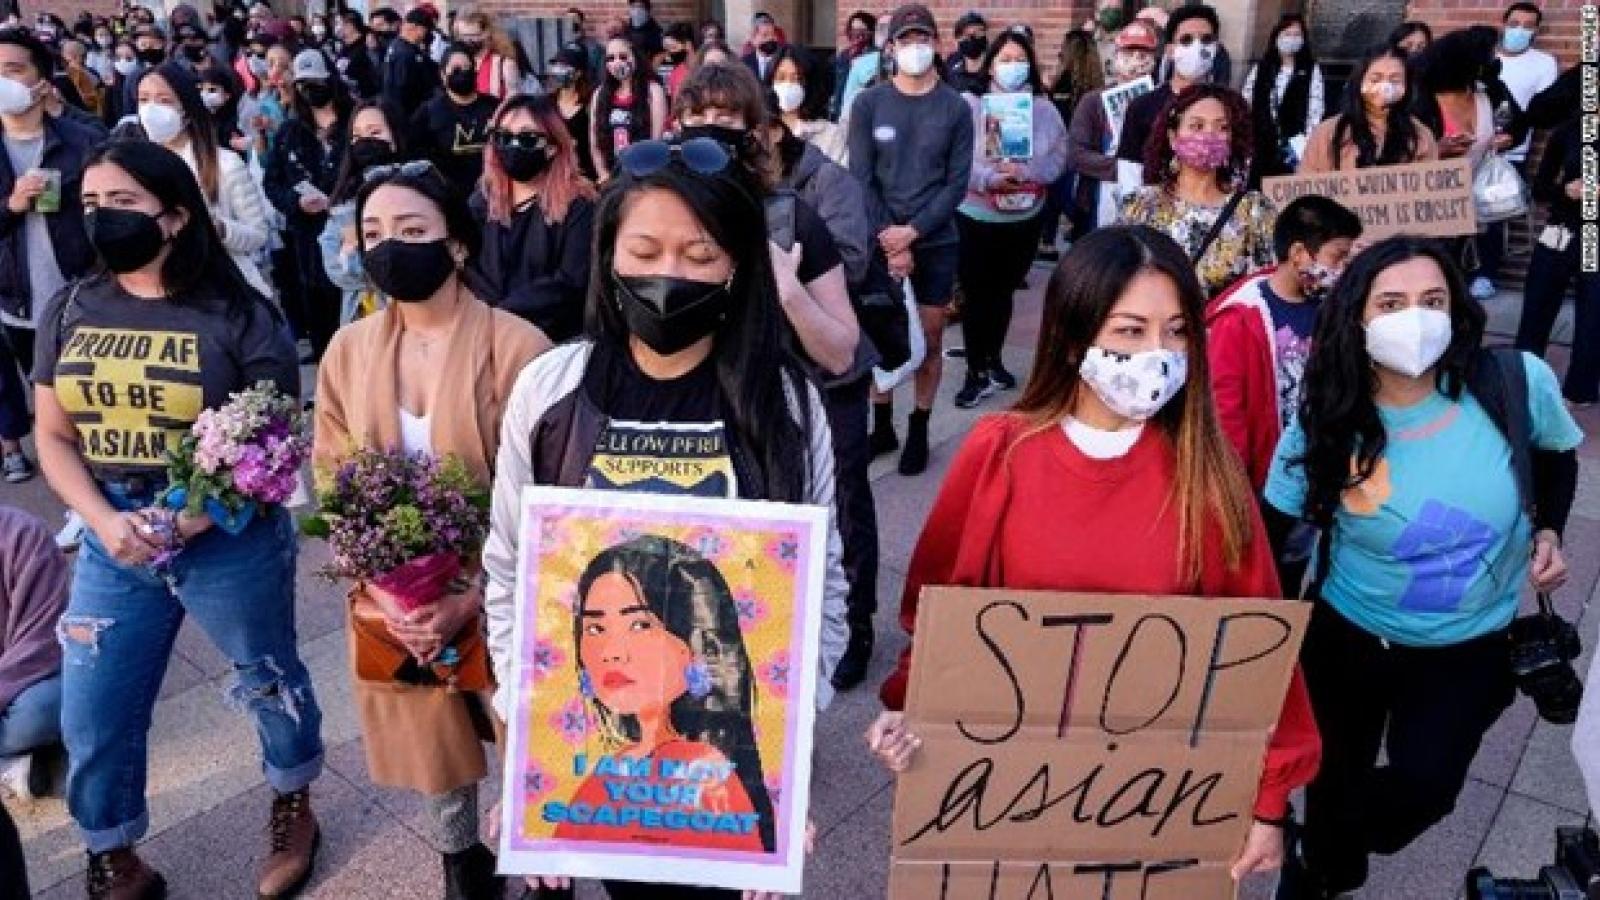 Bạo lực nhằm vào người Mỹ gốc Á và hiểm họa từ những quan niệm sai lầm